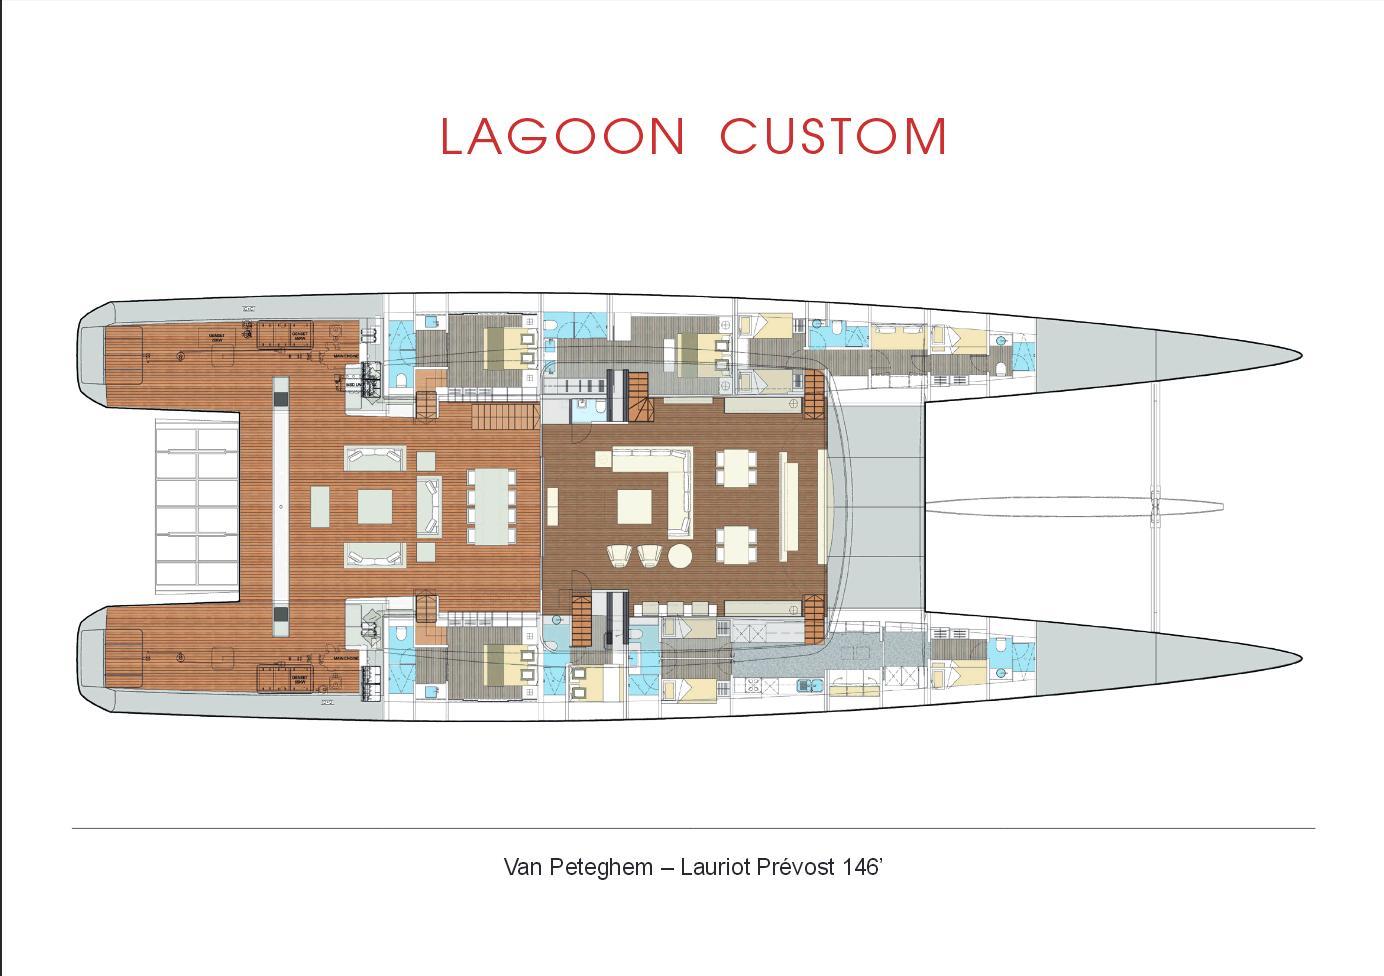 Zakázkový katamaran Lagoon VPLP 146